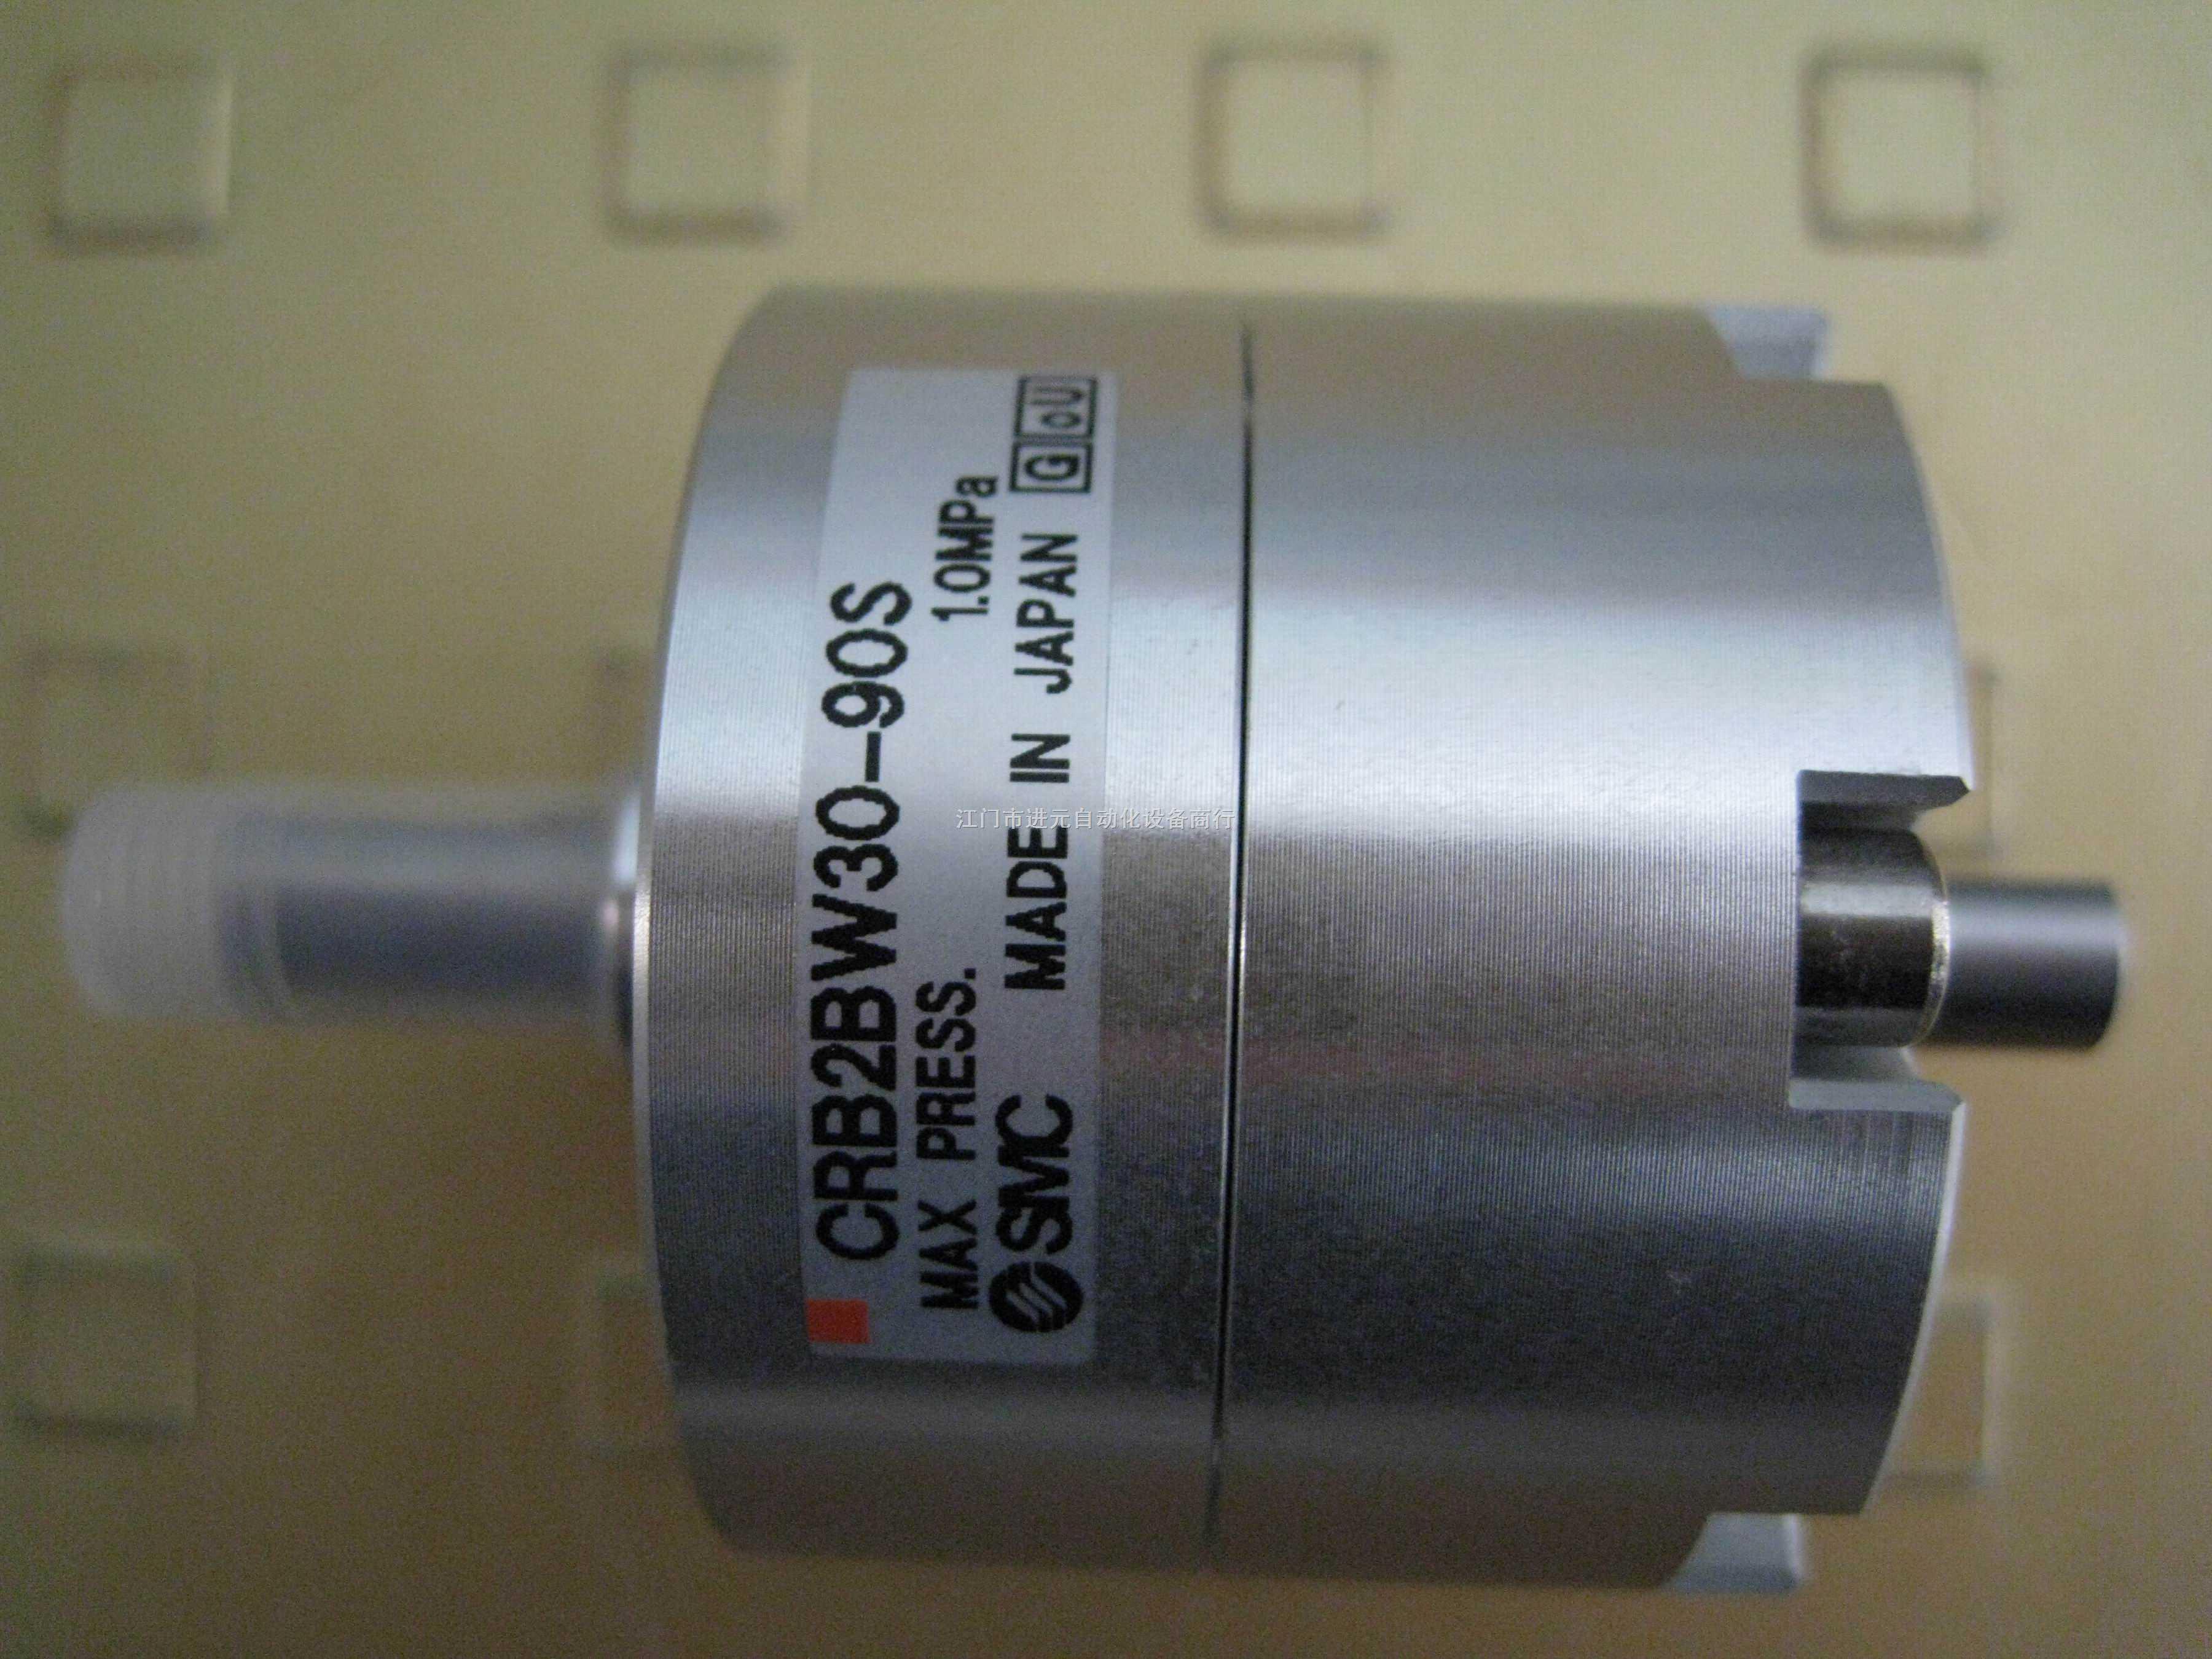 crb2bw30-90s,crb2bw15-90s,crb2bw20-180s 旋转气缸图片